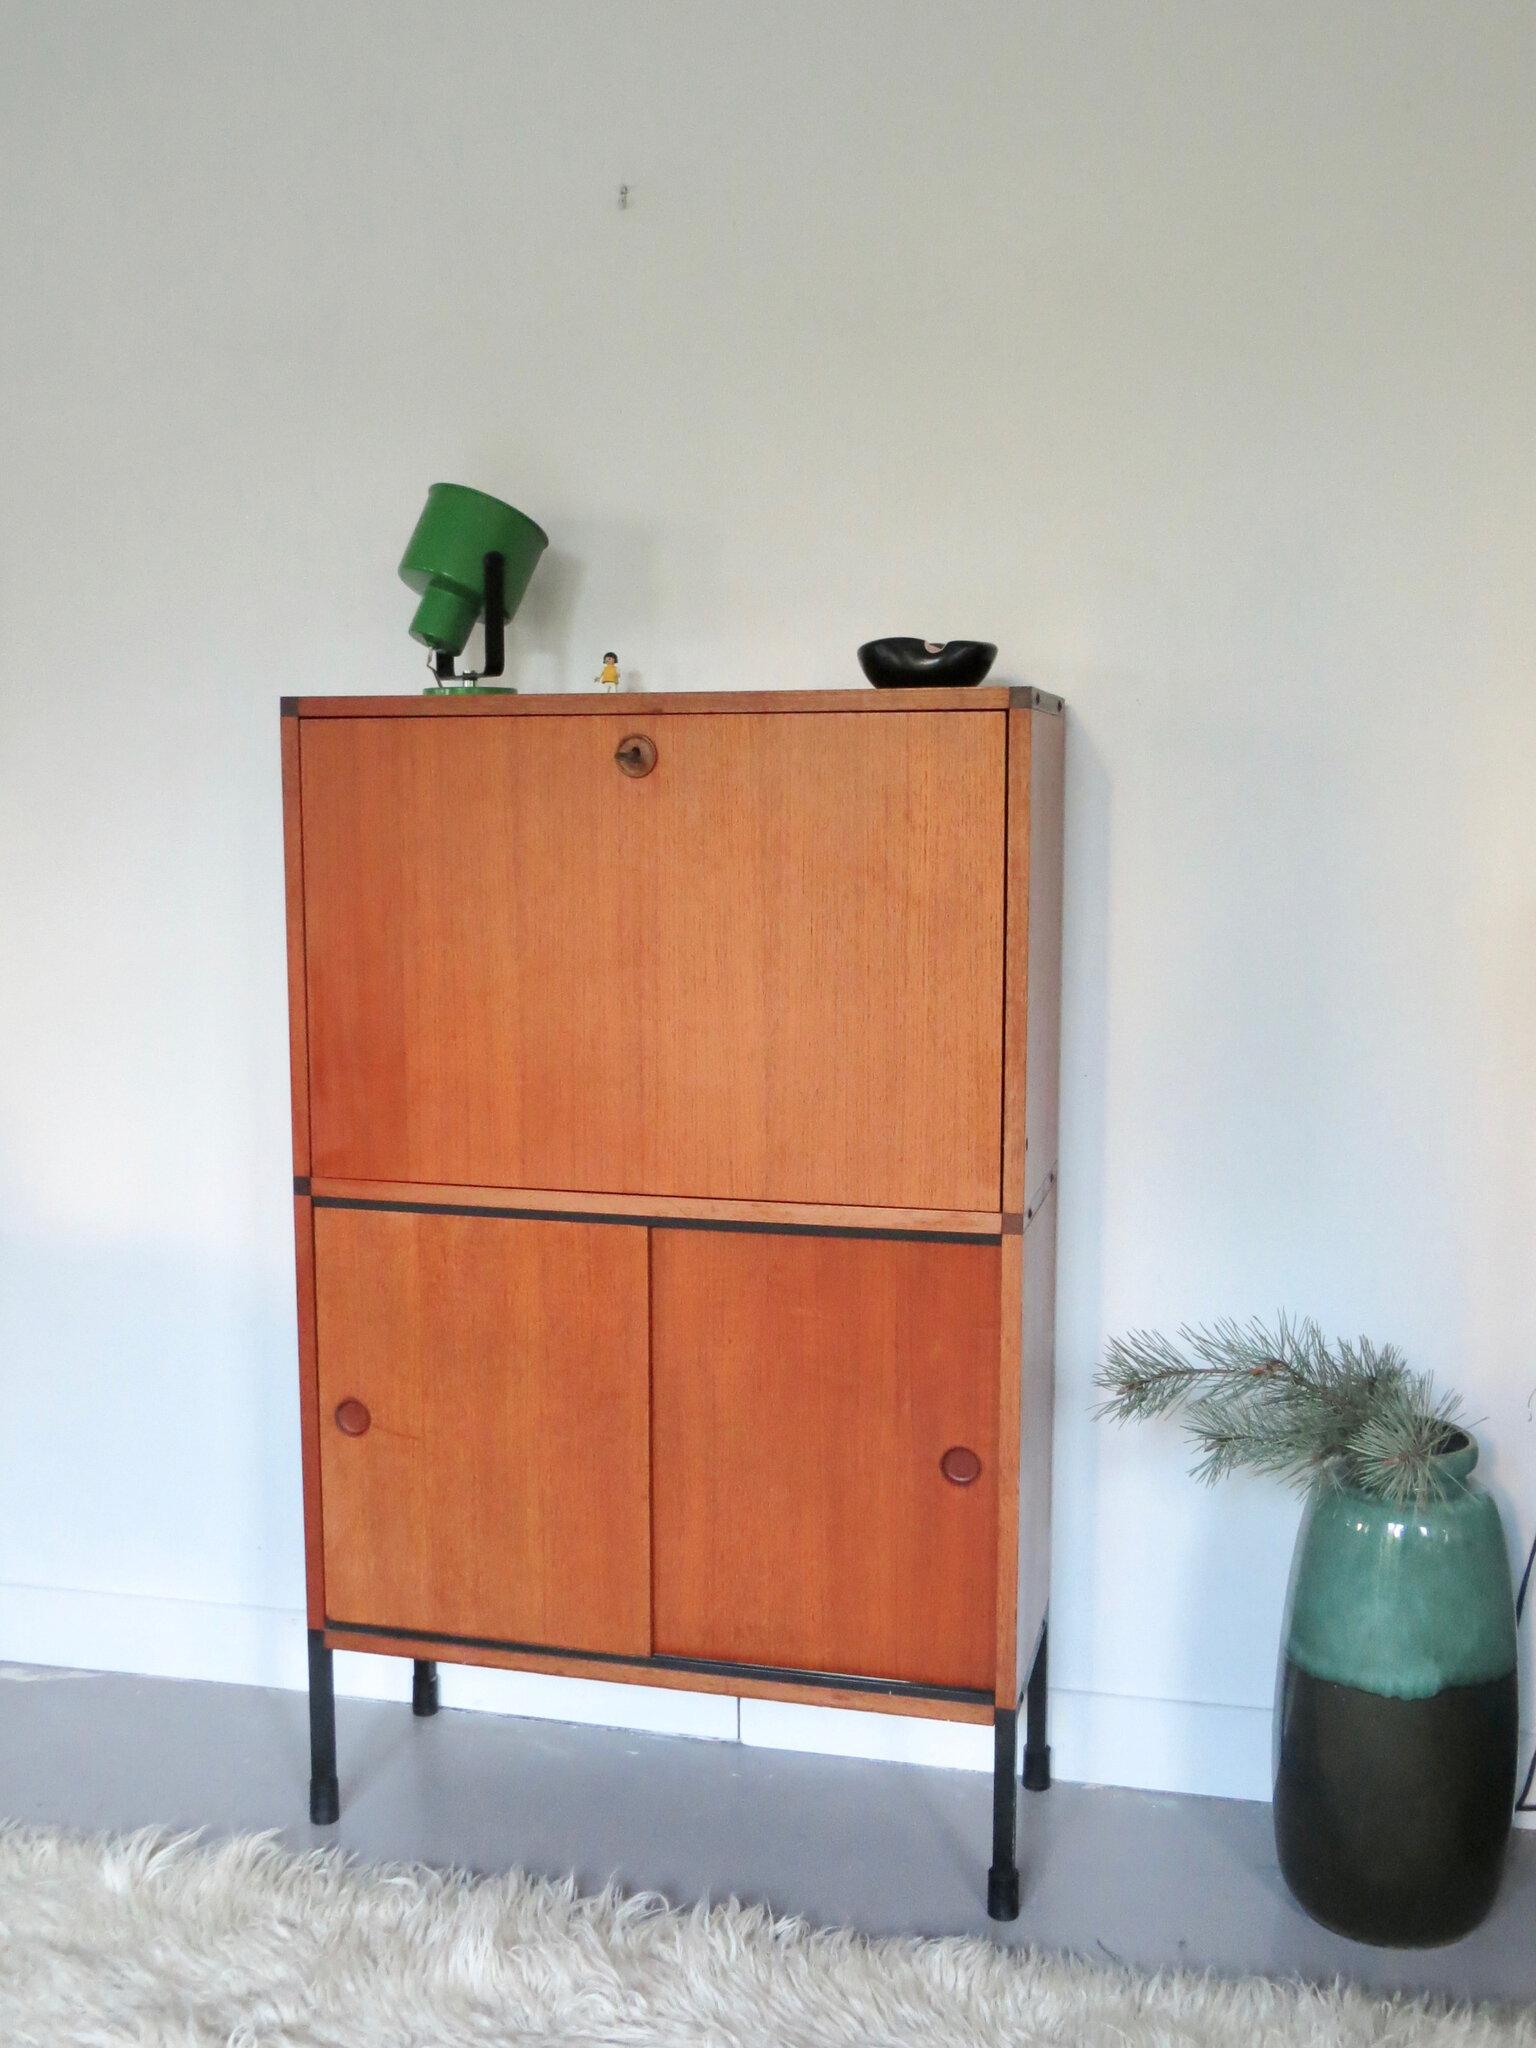 meubles vintage pataluna chines